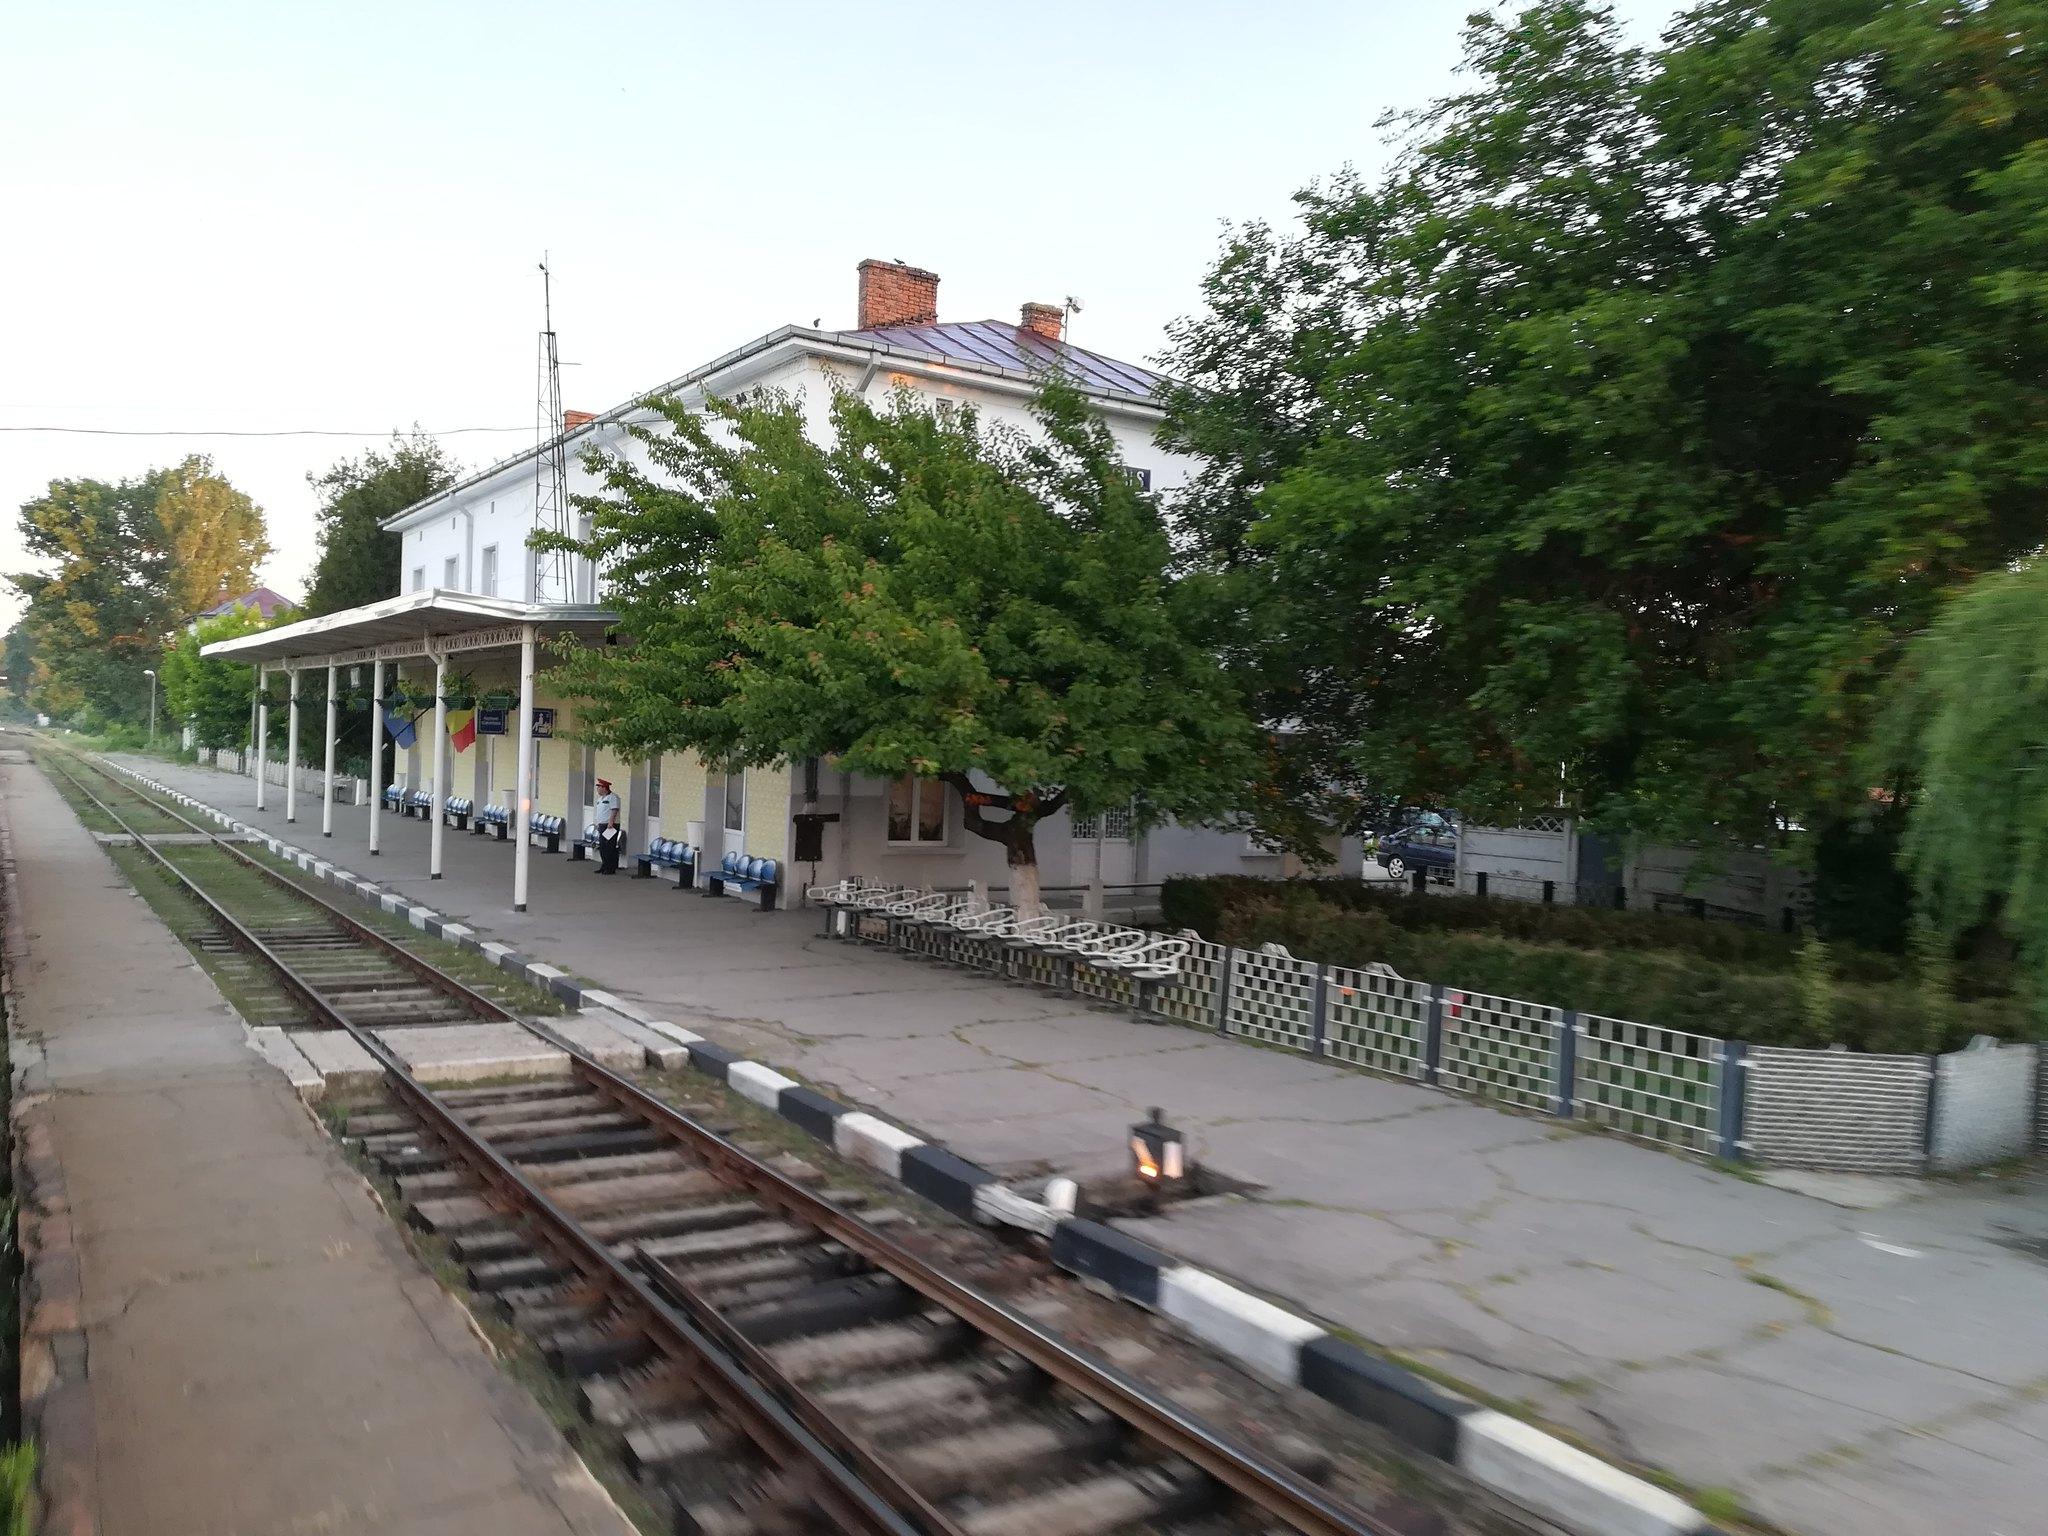 Reportaje feroviare Adirmvl - Pagina 15 44837191381_fe4b15dcff_k